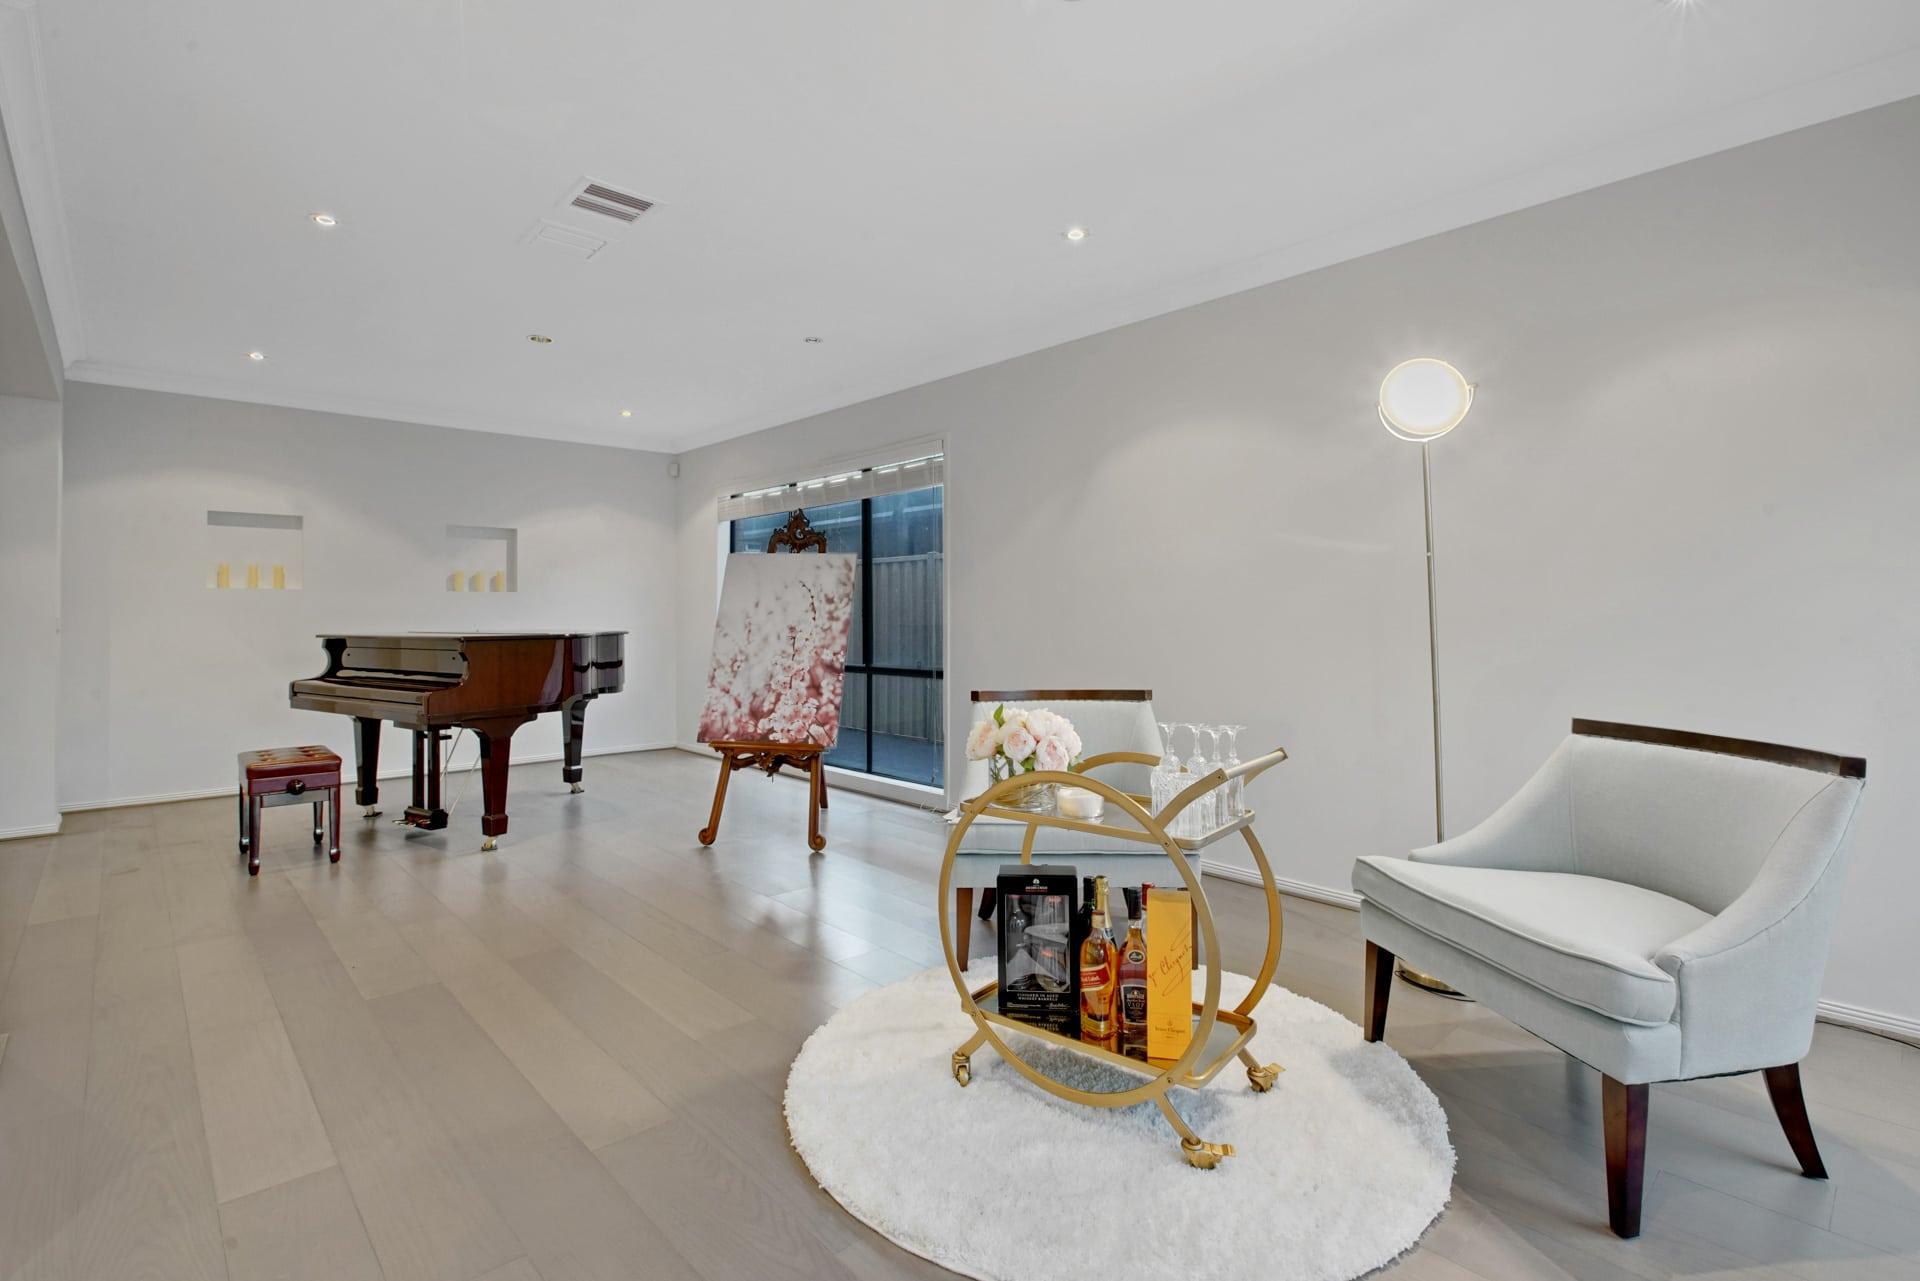 Photographie HDR du salon d'une maison. Un piano à queue est au fond de la pièce.